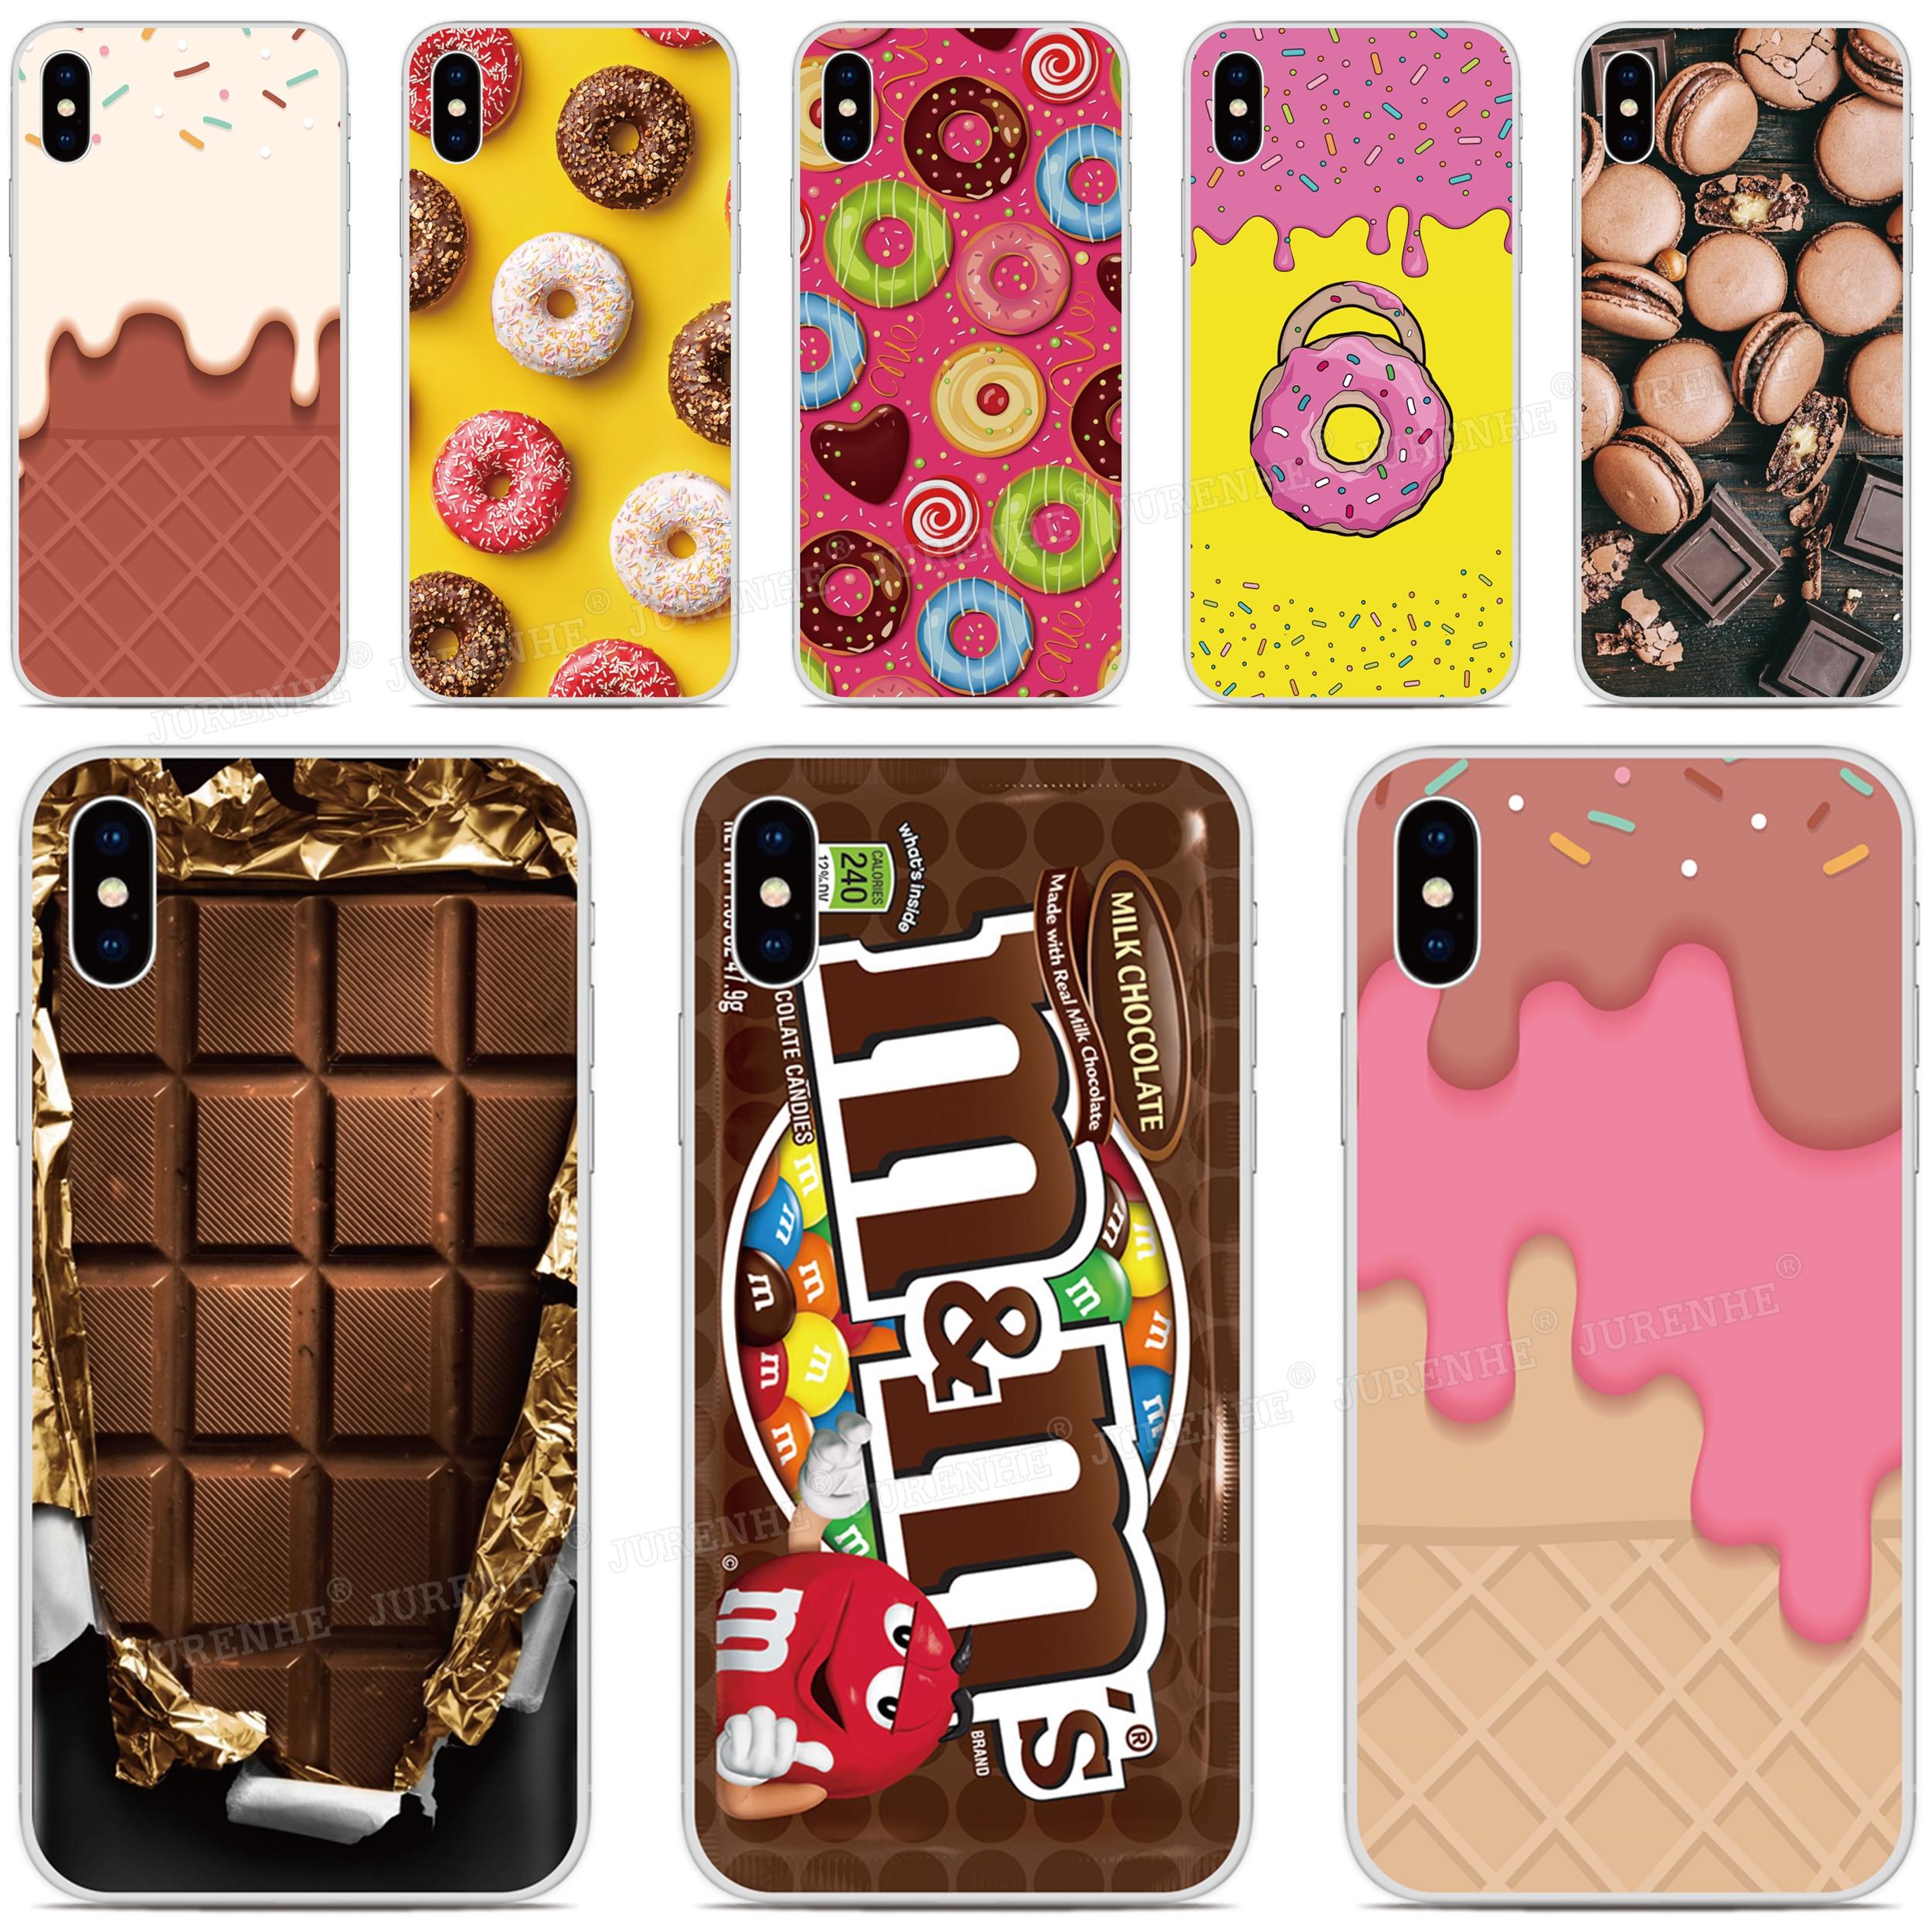 Funda de teléfono con forma de Donut de Chocolate para BQ Aquaris X2 X Pro U U2 Lite V X5 E5 M5 E5s C VS Vsmart JOY Active 1 Plus 5035 5059